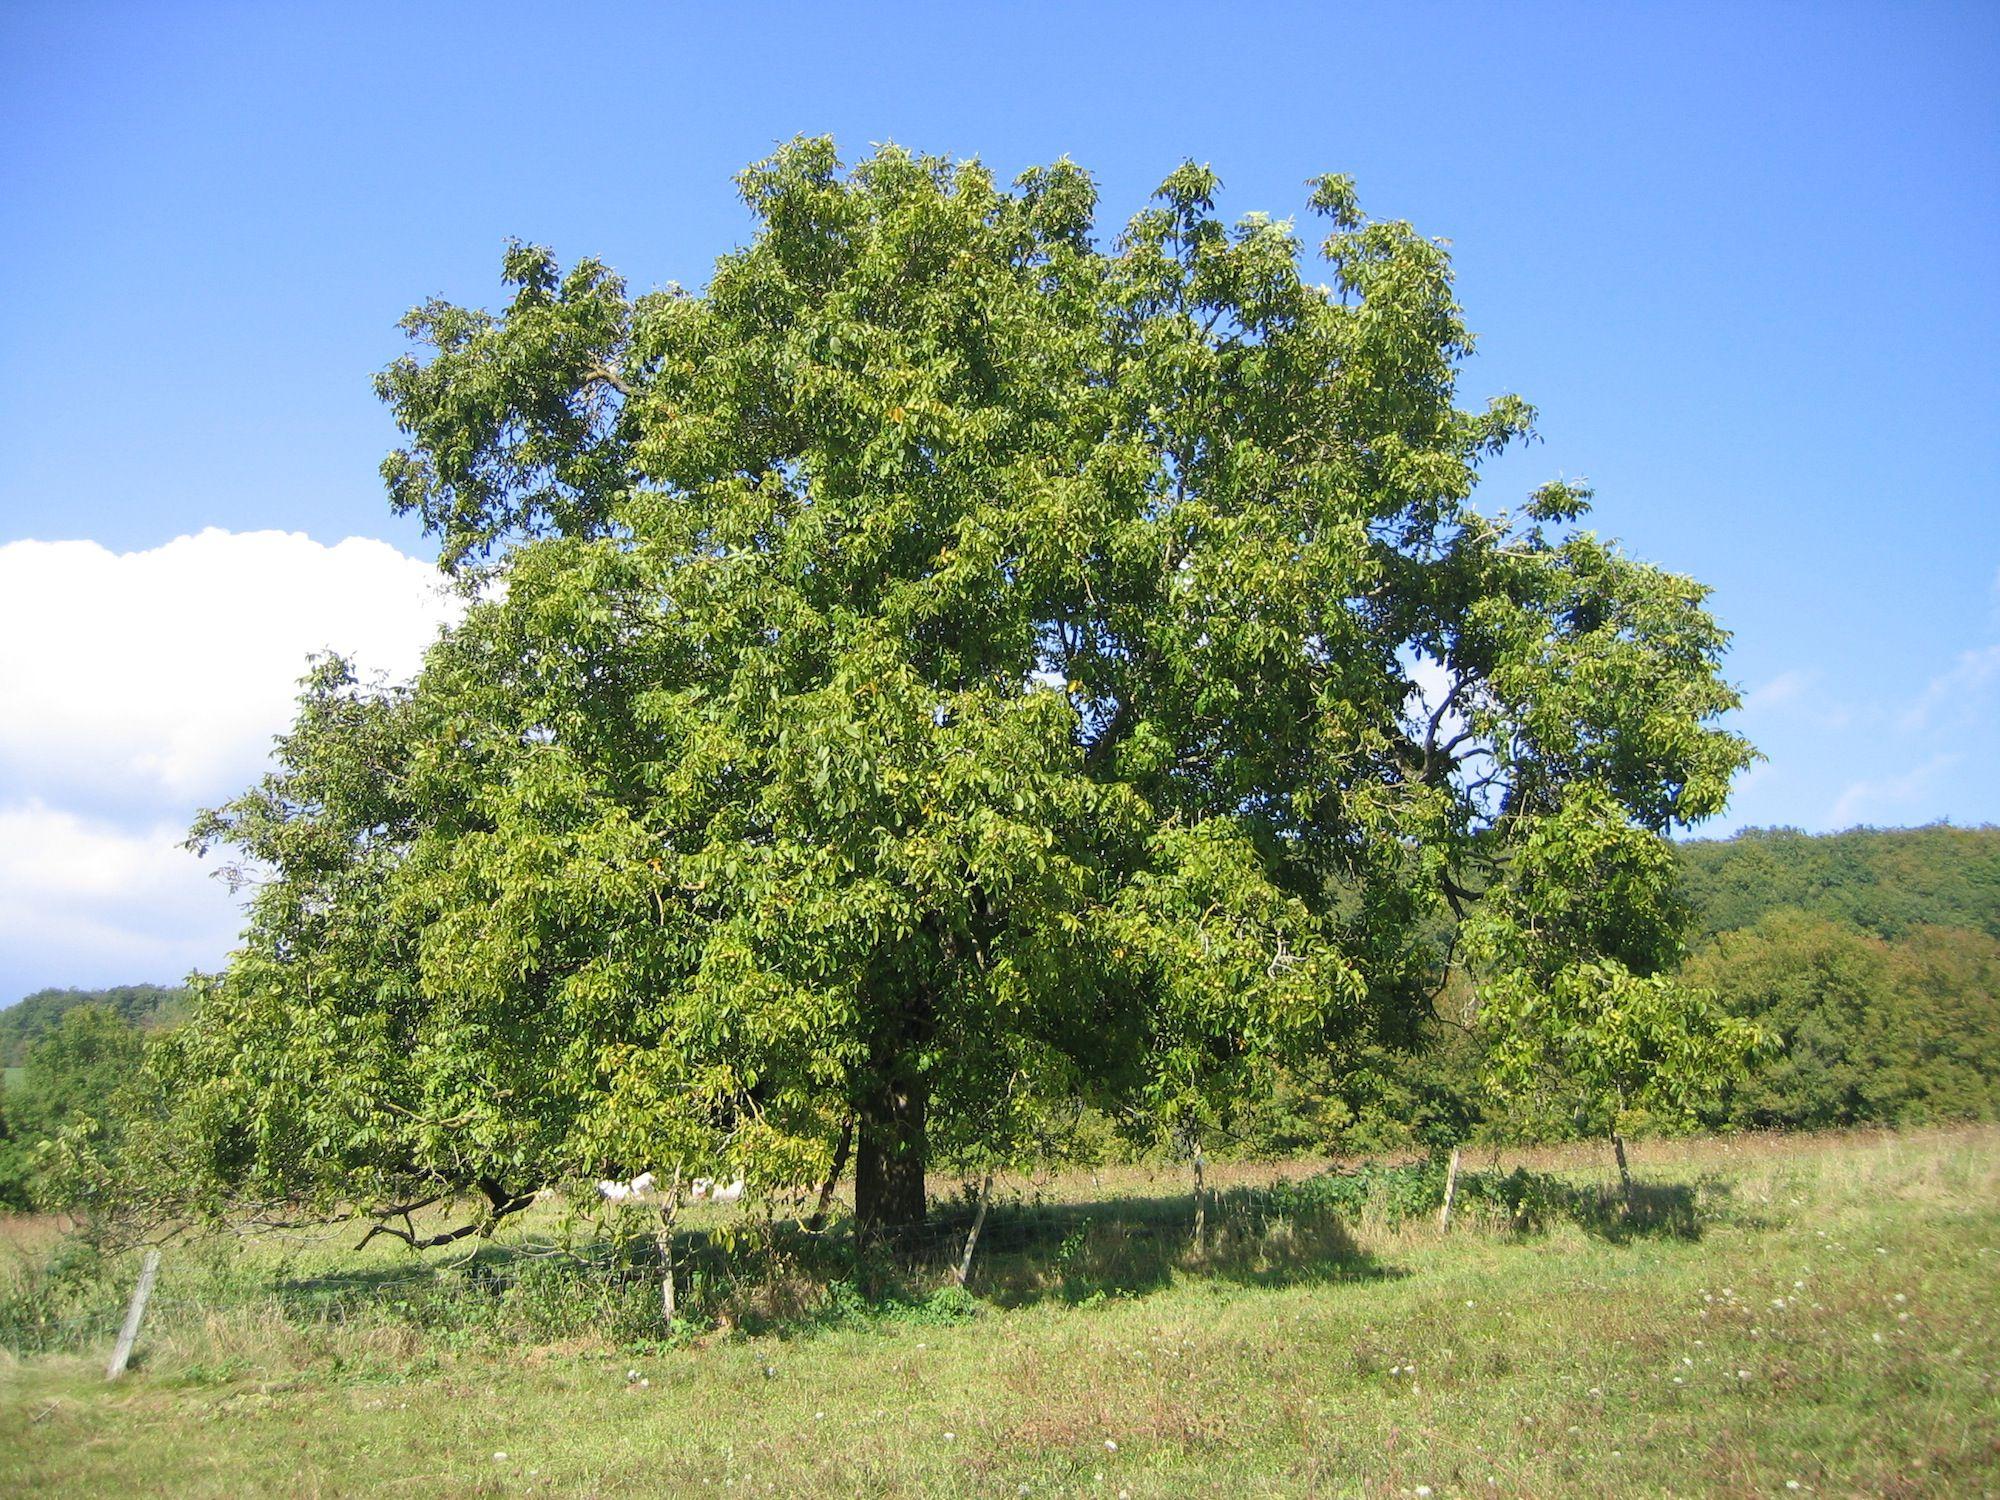 An english walnut tree in an open field